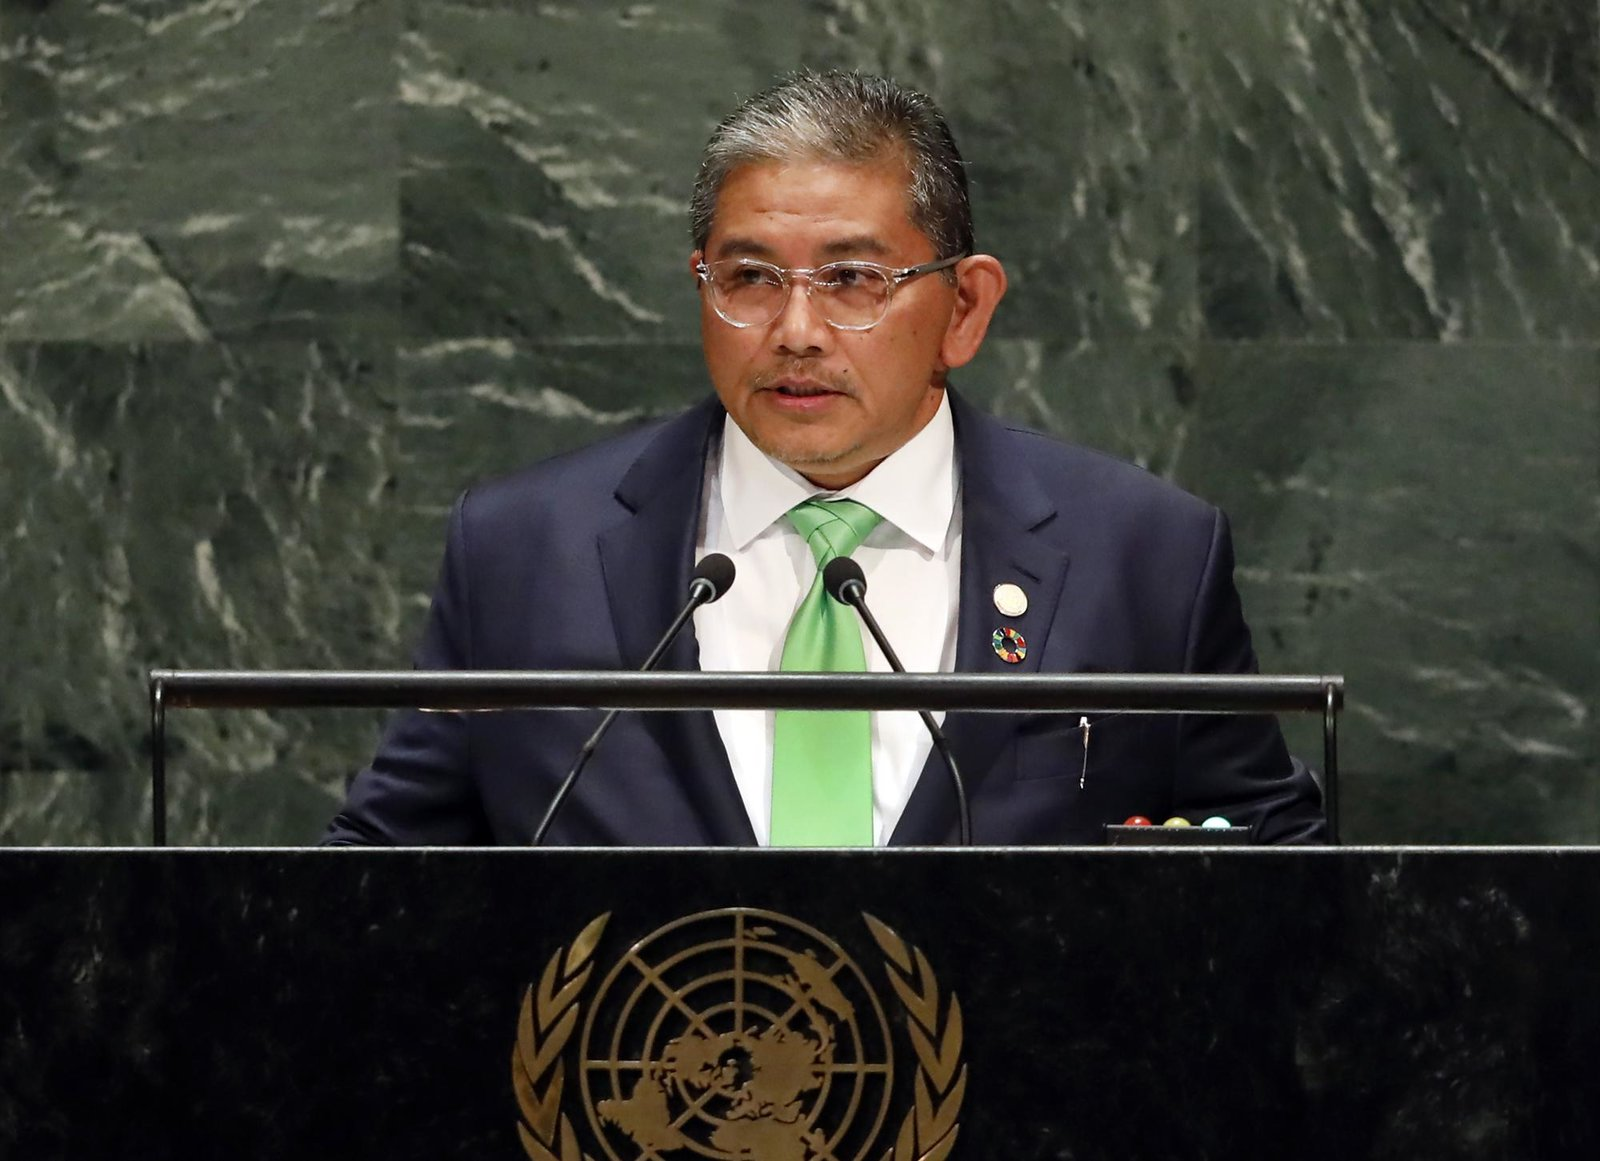 La junta birmana niega haber aceptado un alto el fuego propuesto por la ASEAN